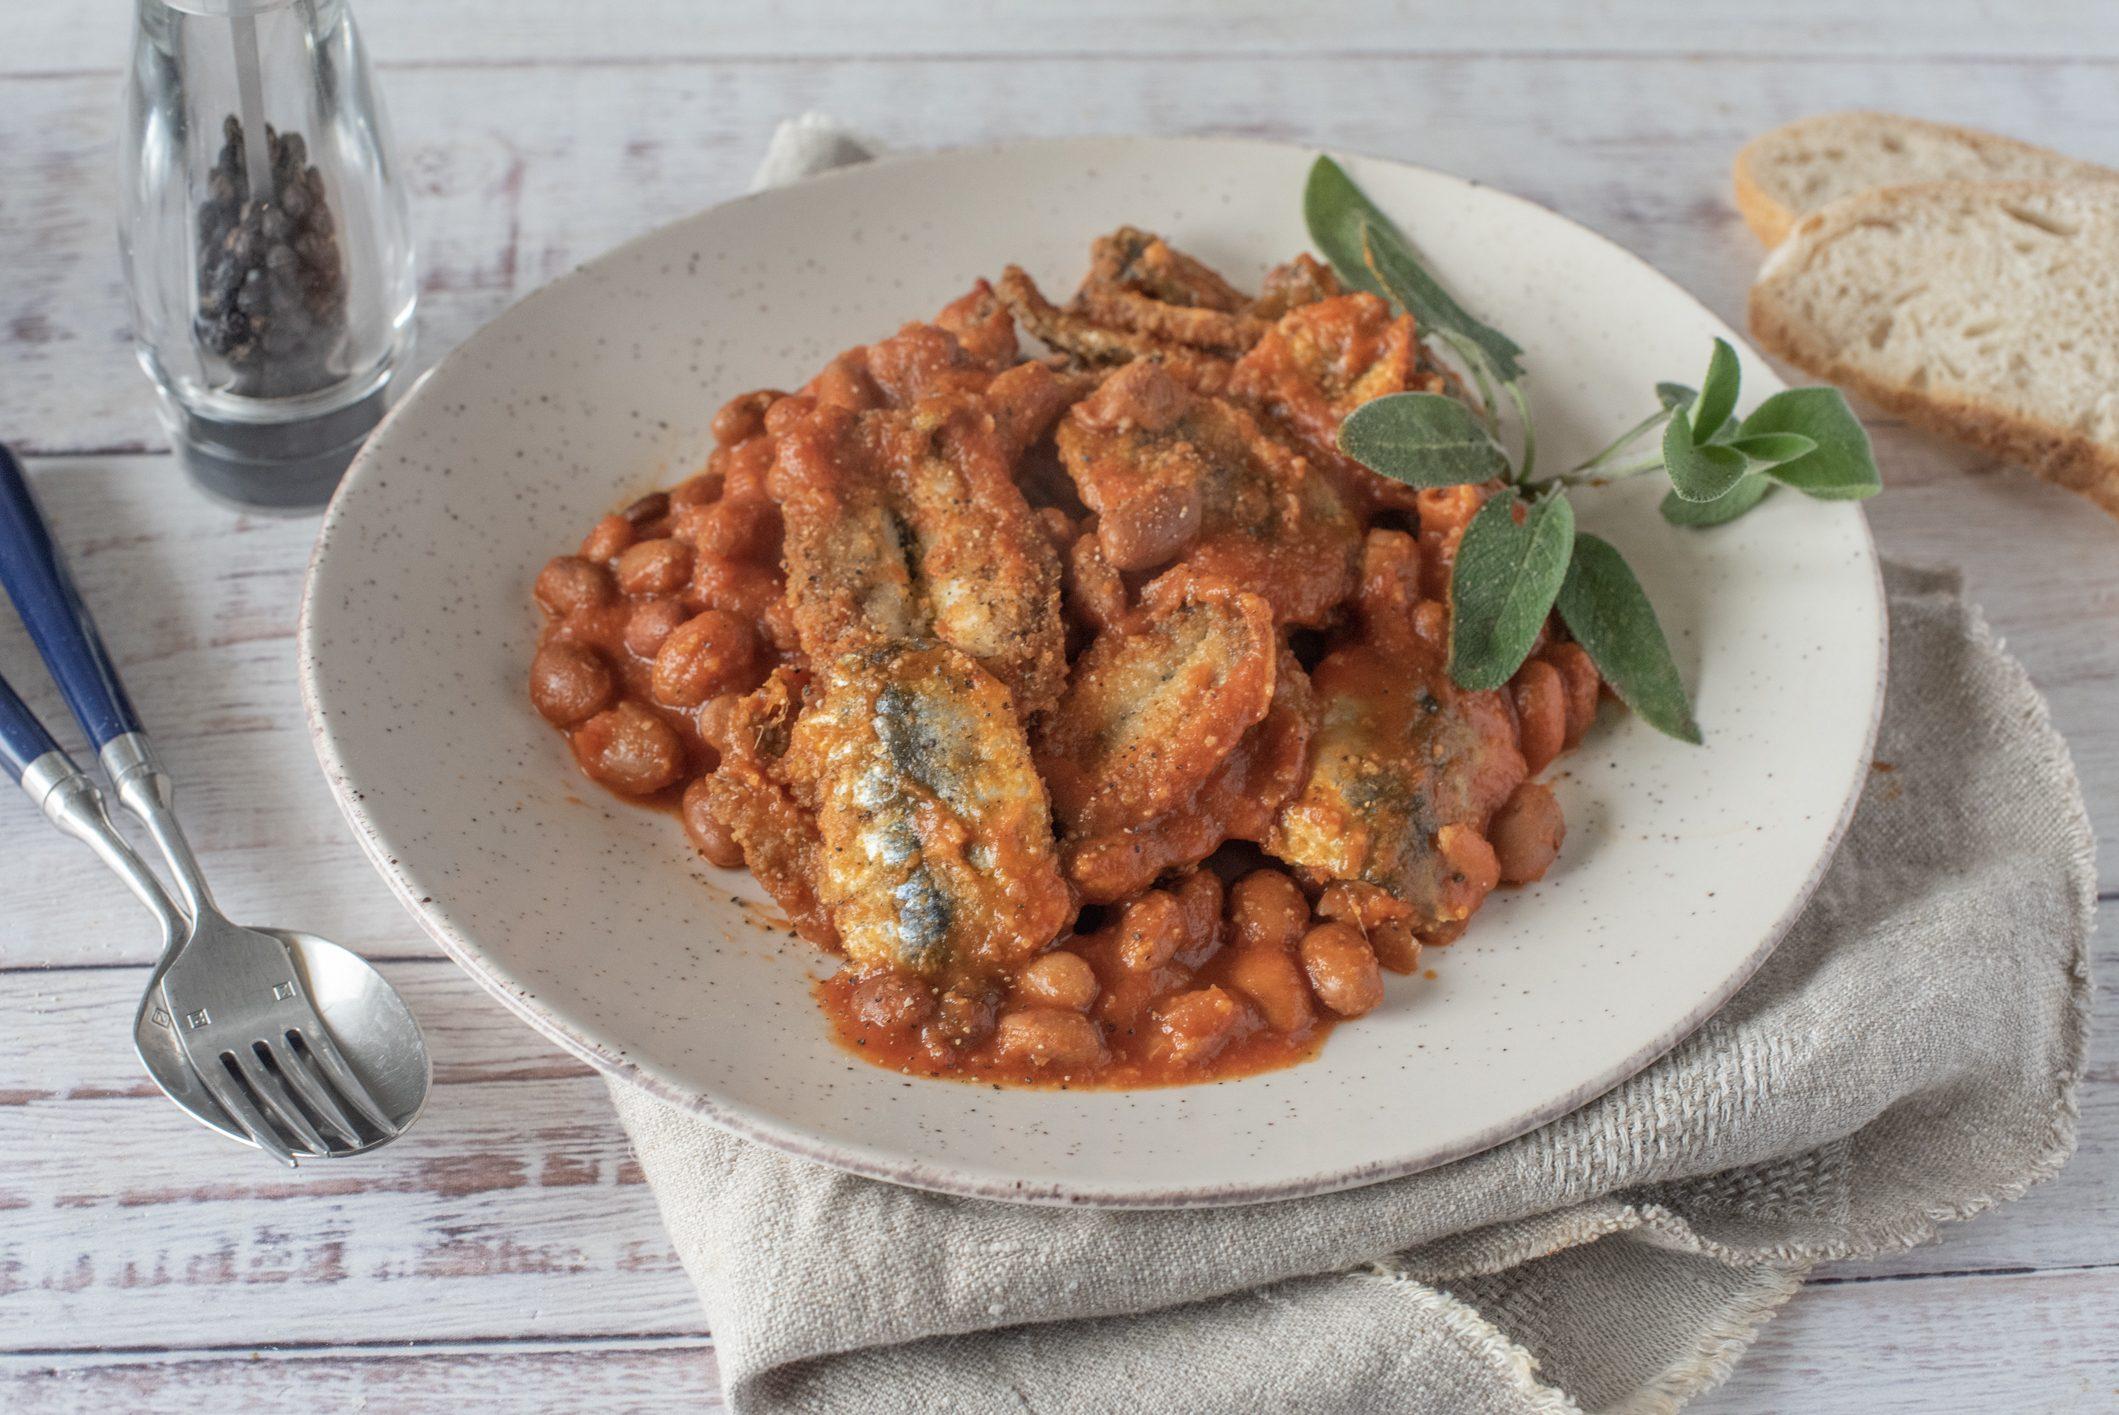 Fagioli e sarde: la ricetta del piatto unico semplice e saporito